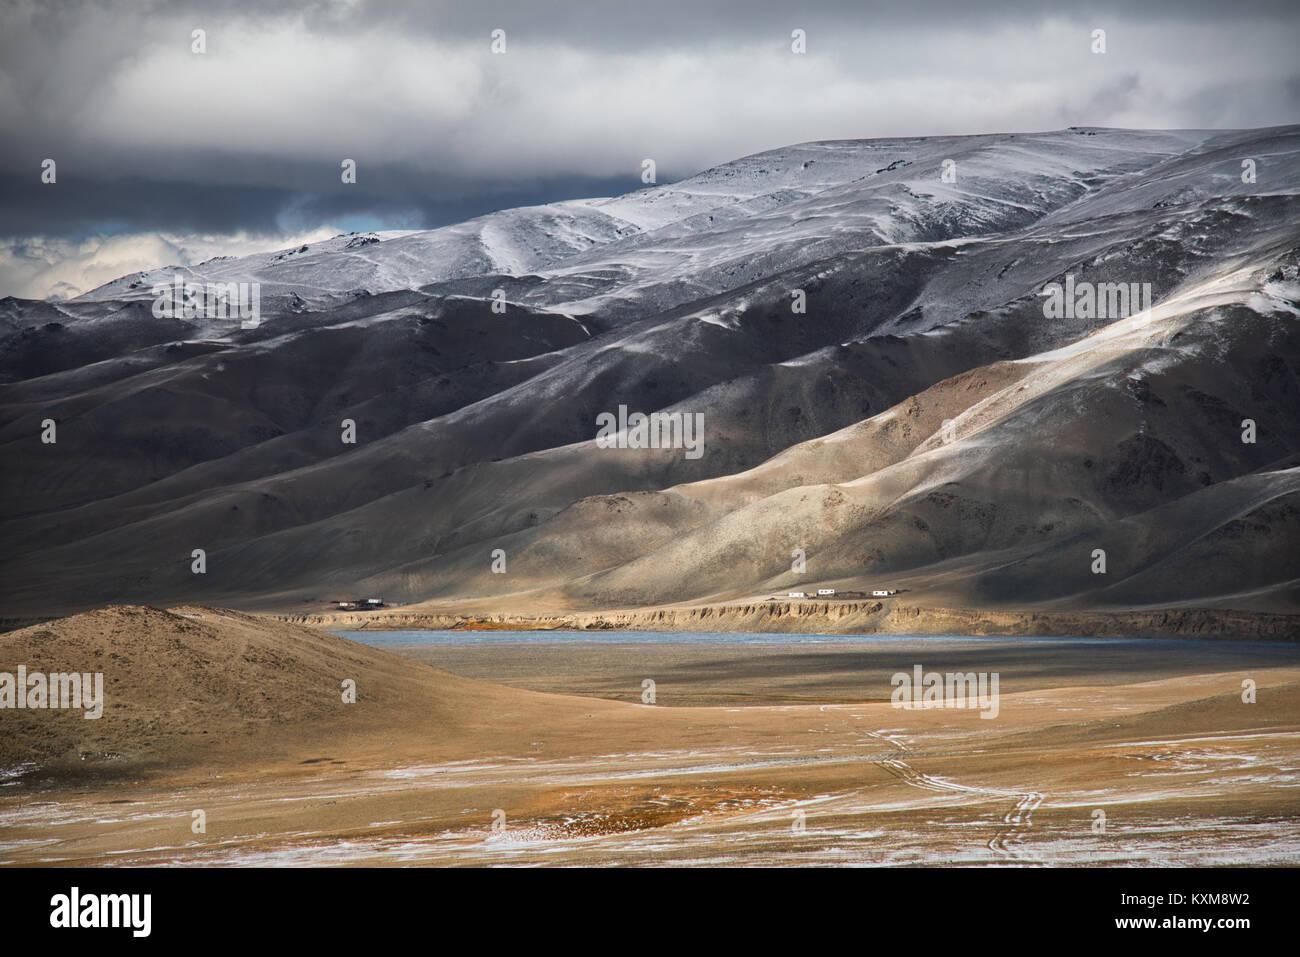 Paysage de montagnes enneigées de Mongolie hiver neige nuageux Mongolie Photo Stock